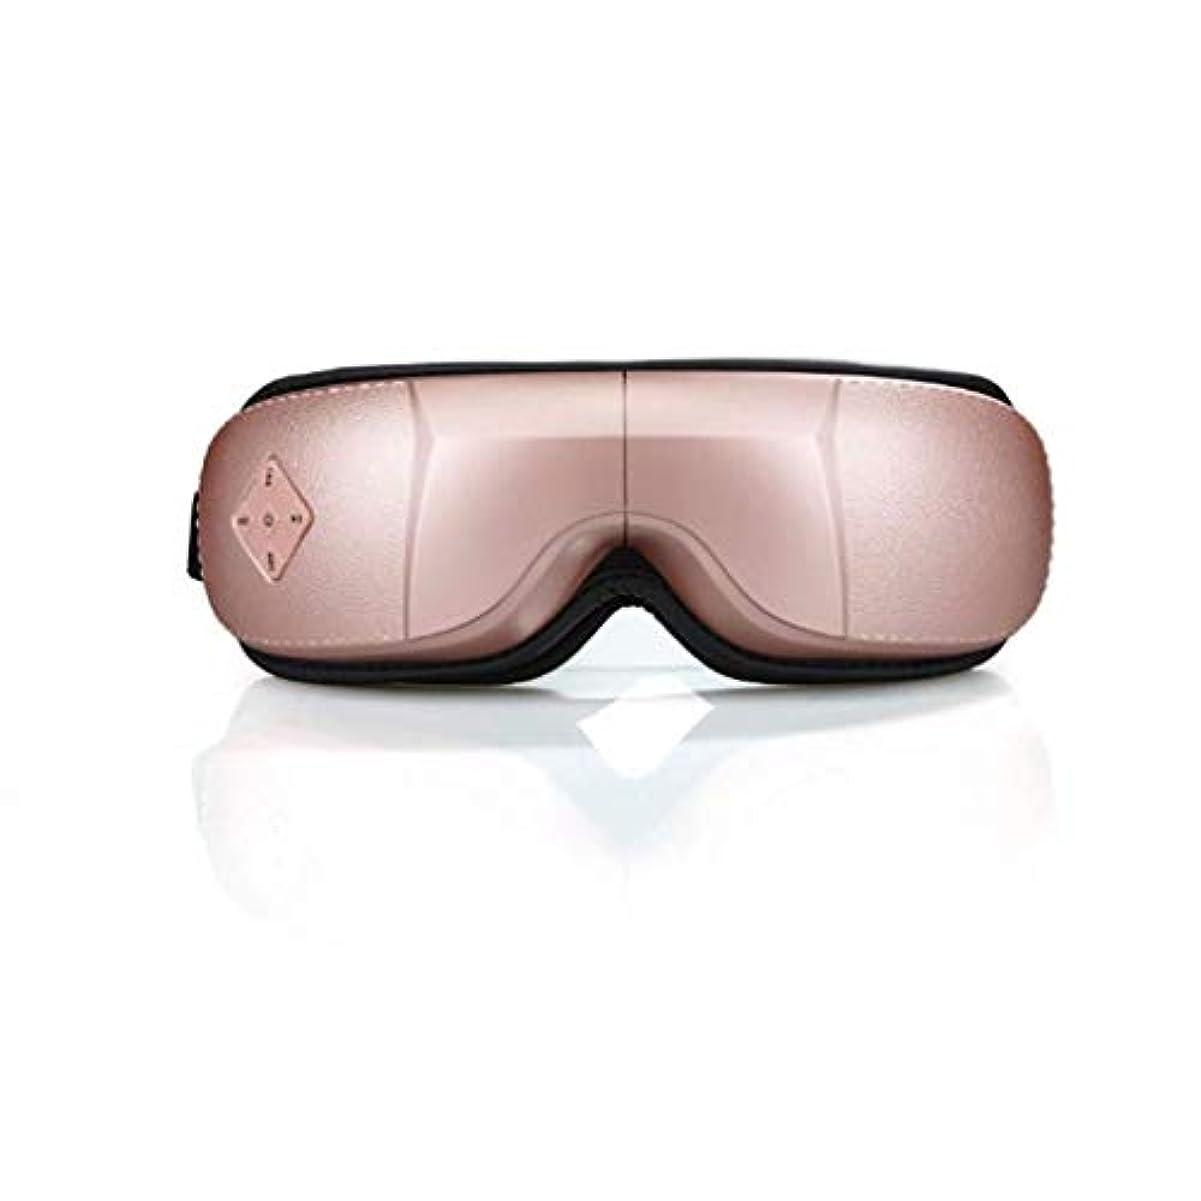 特徴づけるゲージ不合格折り畳み式アイマッサージャー、充電式Bluetooth音楽マッサージャー、振動タッチモニターアイハイパーサーミアマッサージヘルスケアツール、アイバッグ、ダークサークル、頭痛緩和、睡眠改善